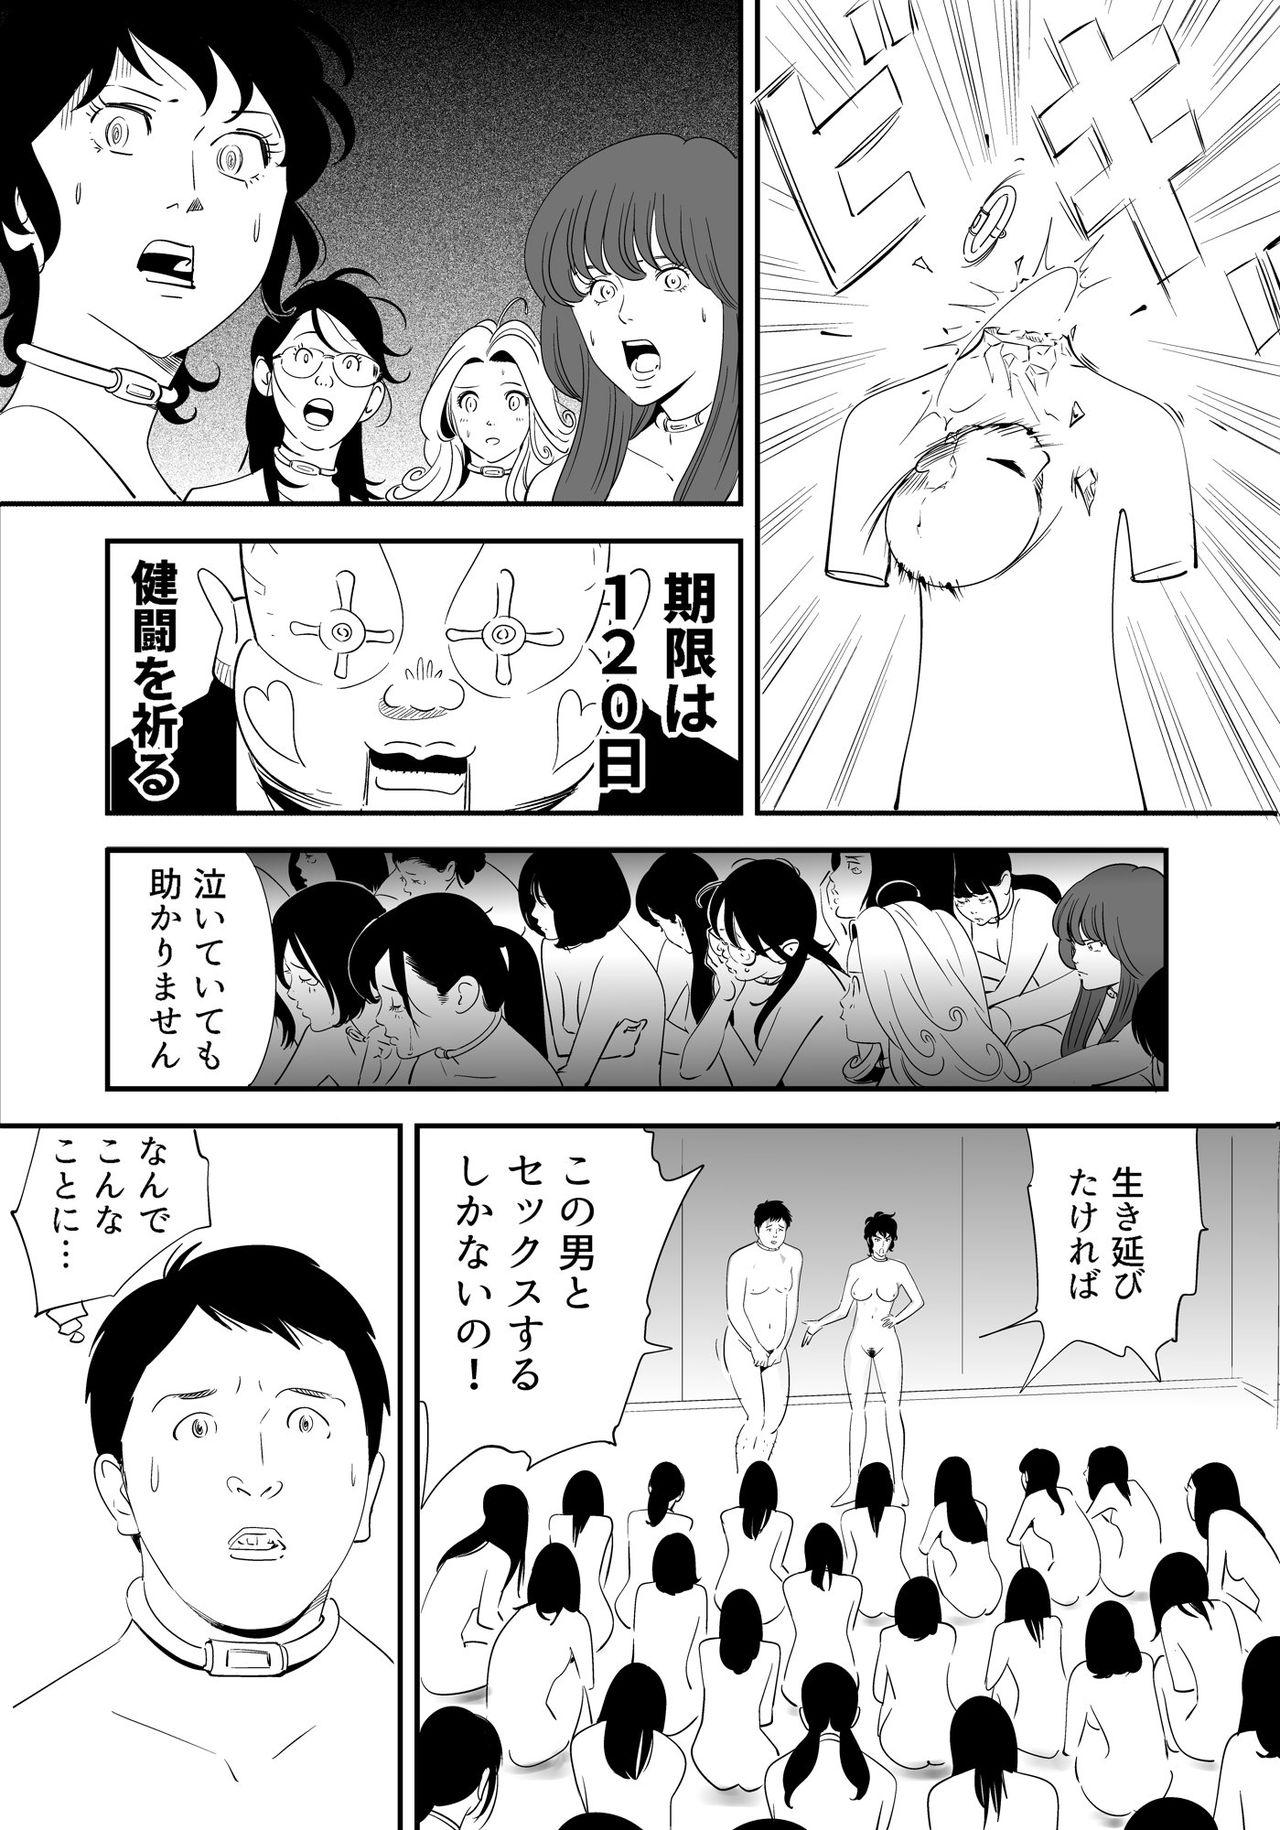 GAME/DEATH 2